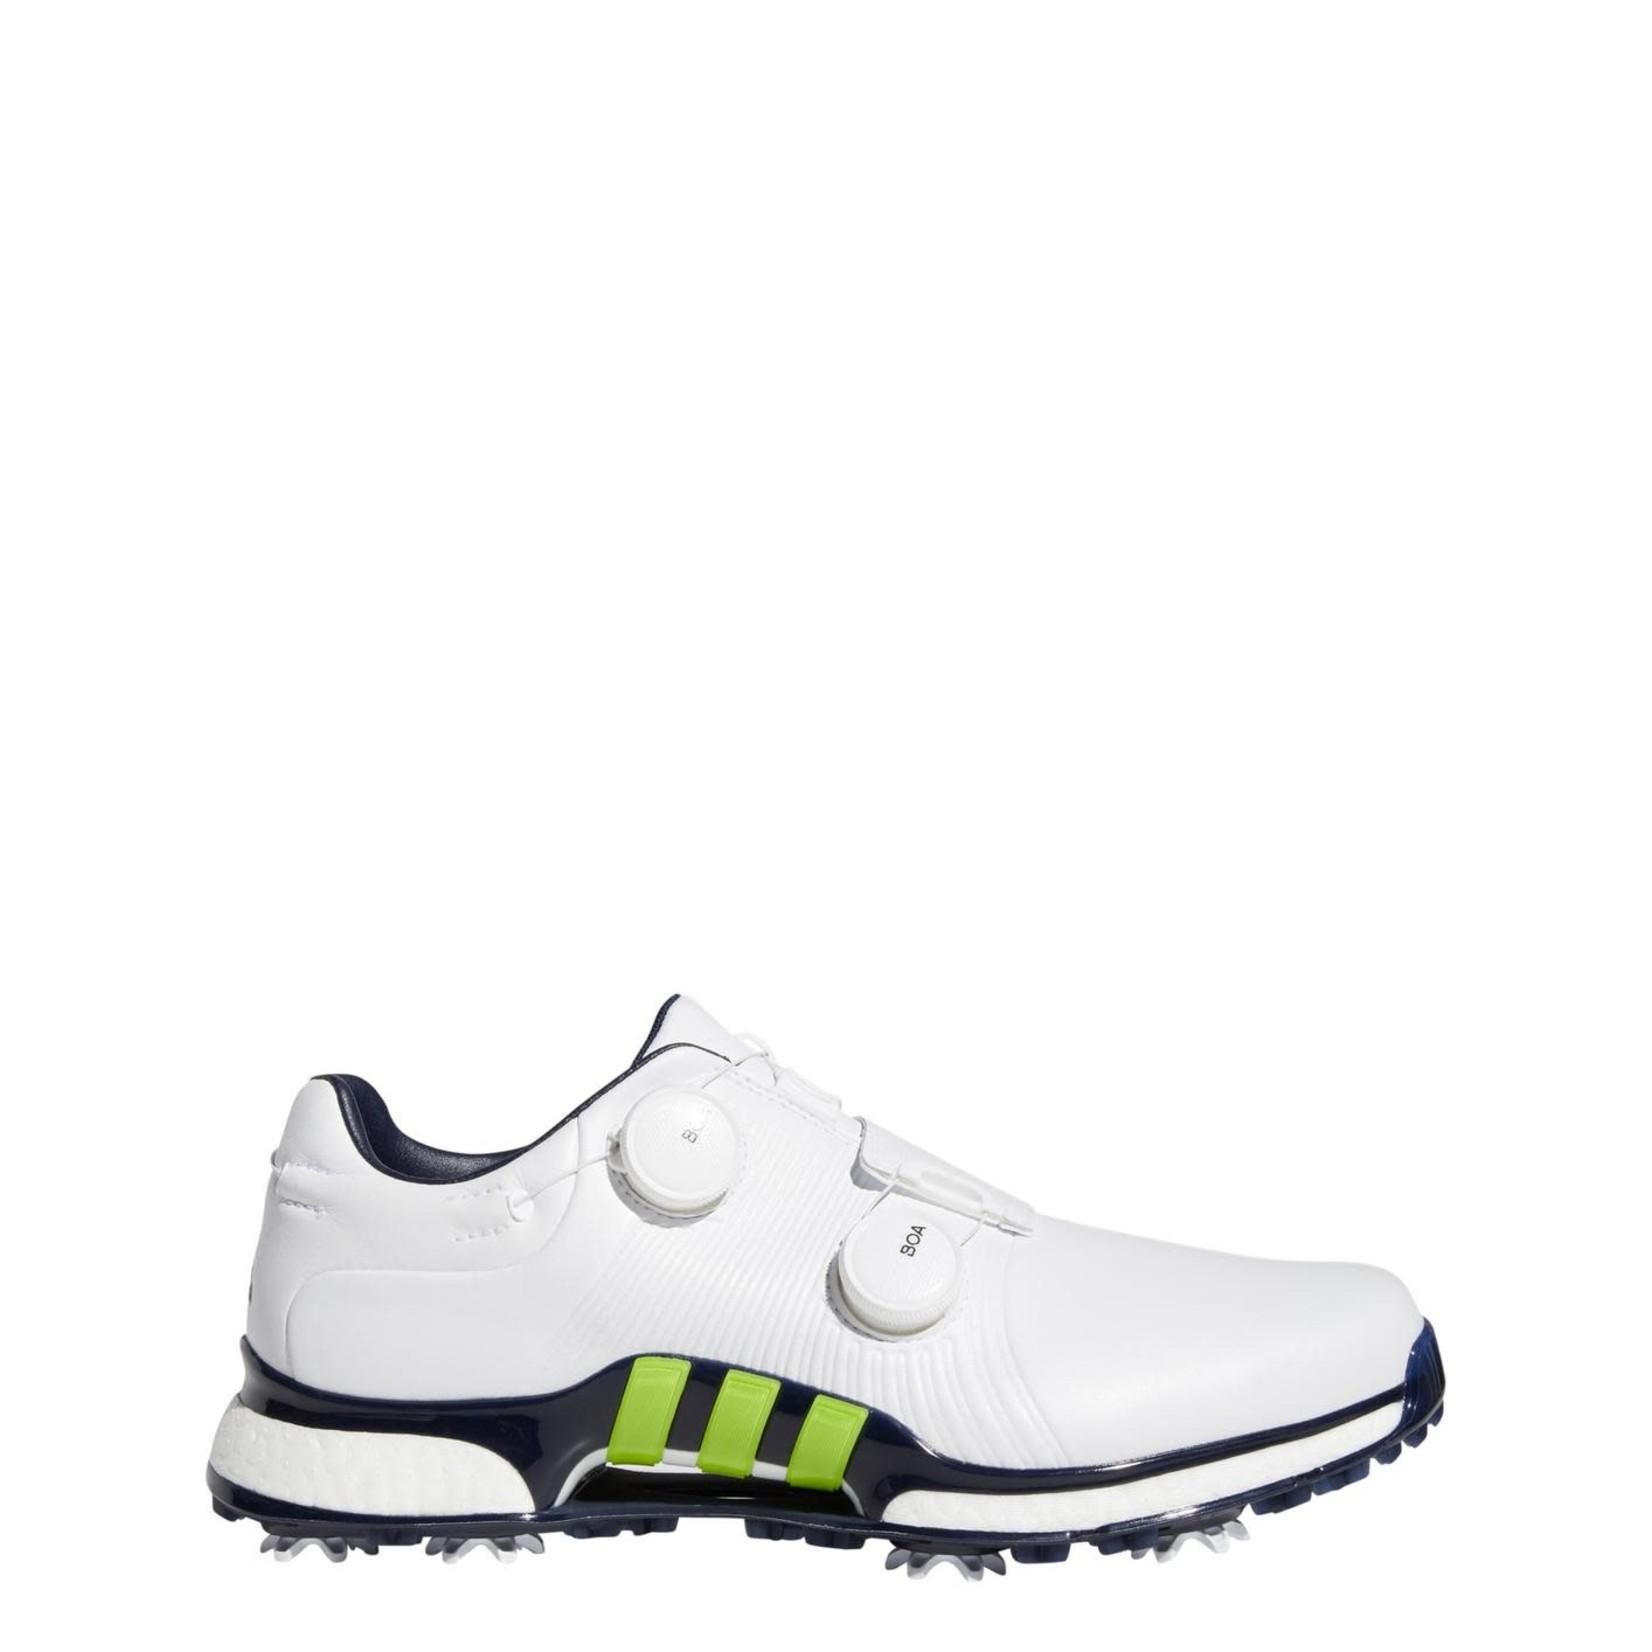 Adidas tour360 Twin BOA